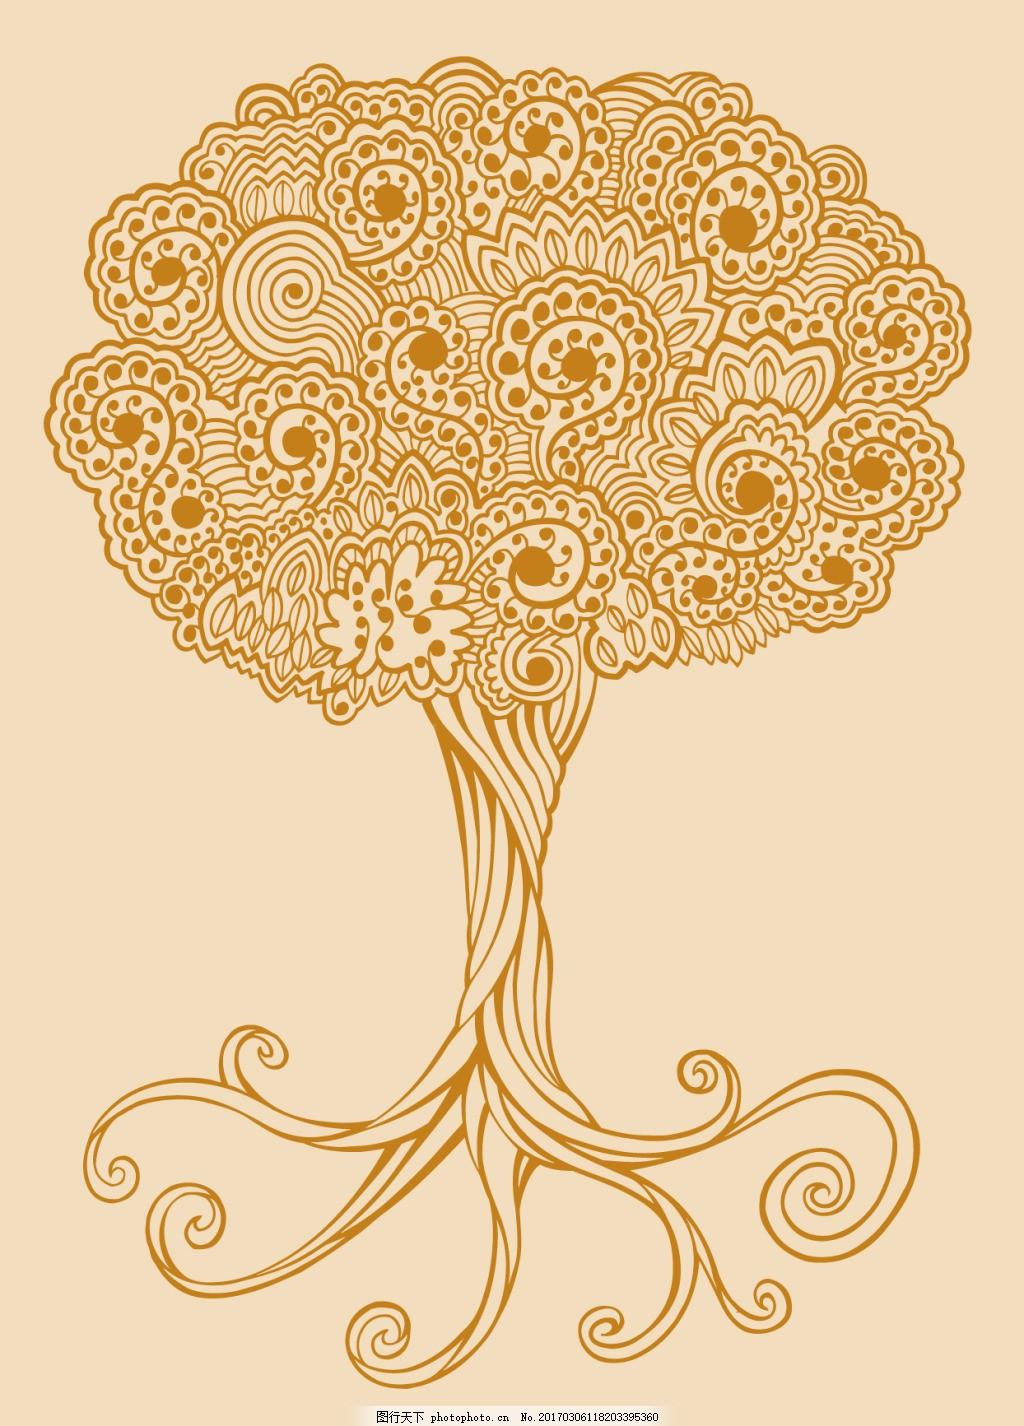 手绘线条树木 矢量背景 抽象花纹 服装 纹理 矢量花纹 卡通 欧美花纹